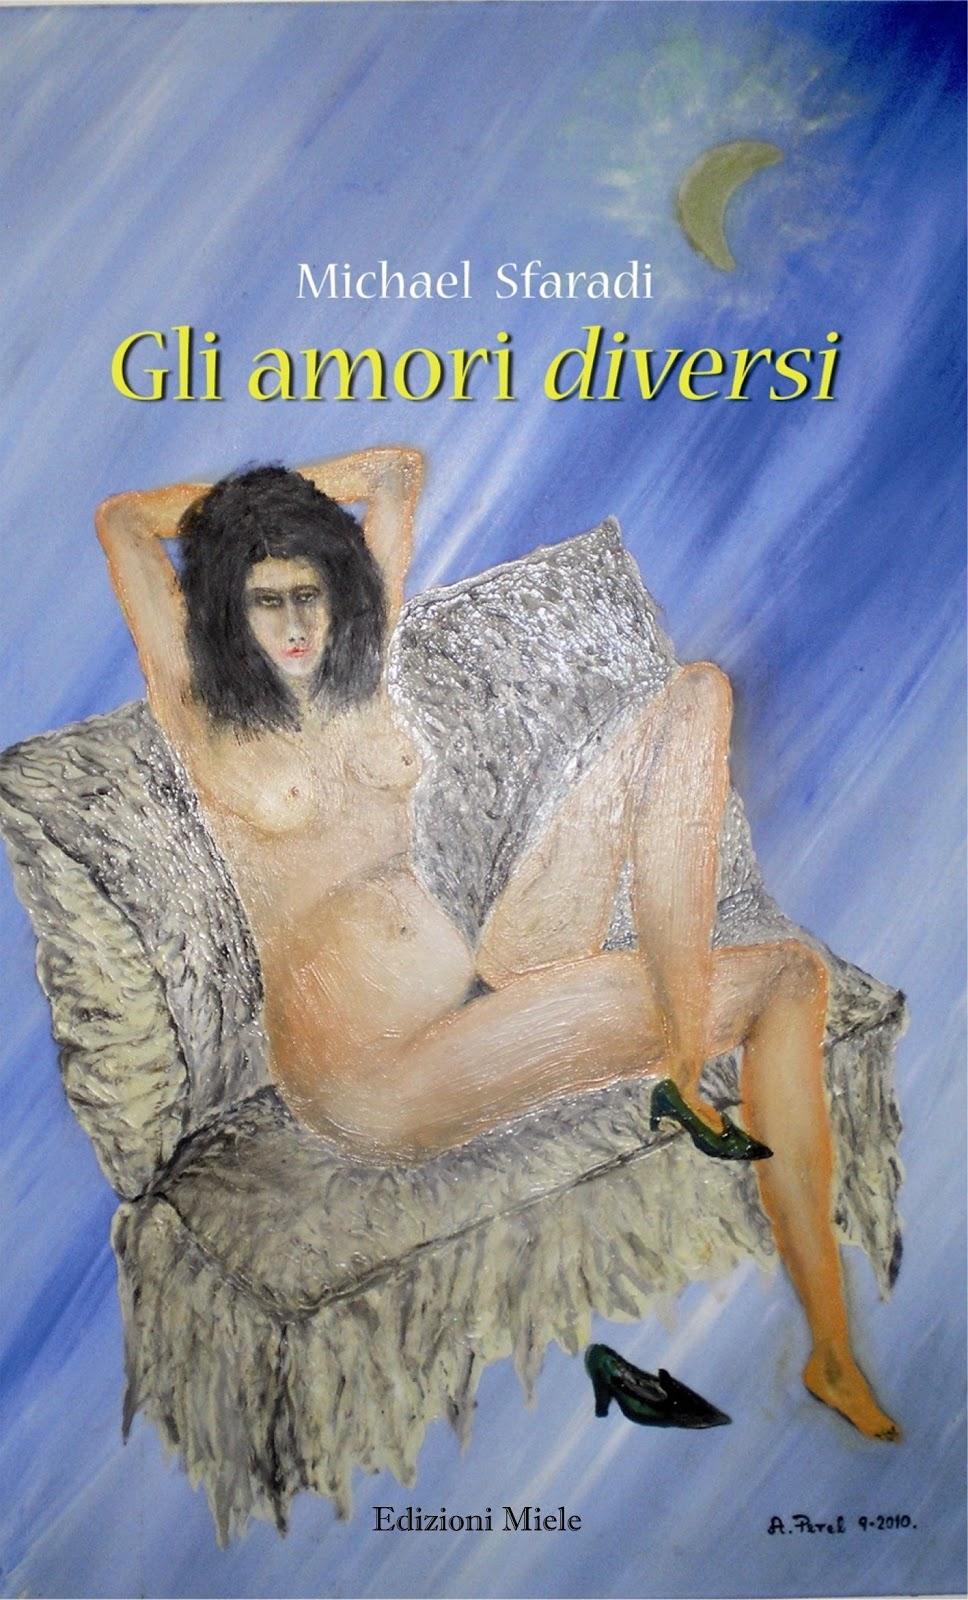 Ibu in fiera udine 2 e 3 marzo 2013 pad 9 libro gli amori diversi - Amori diversi testo ...